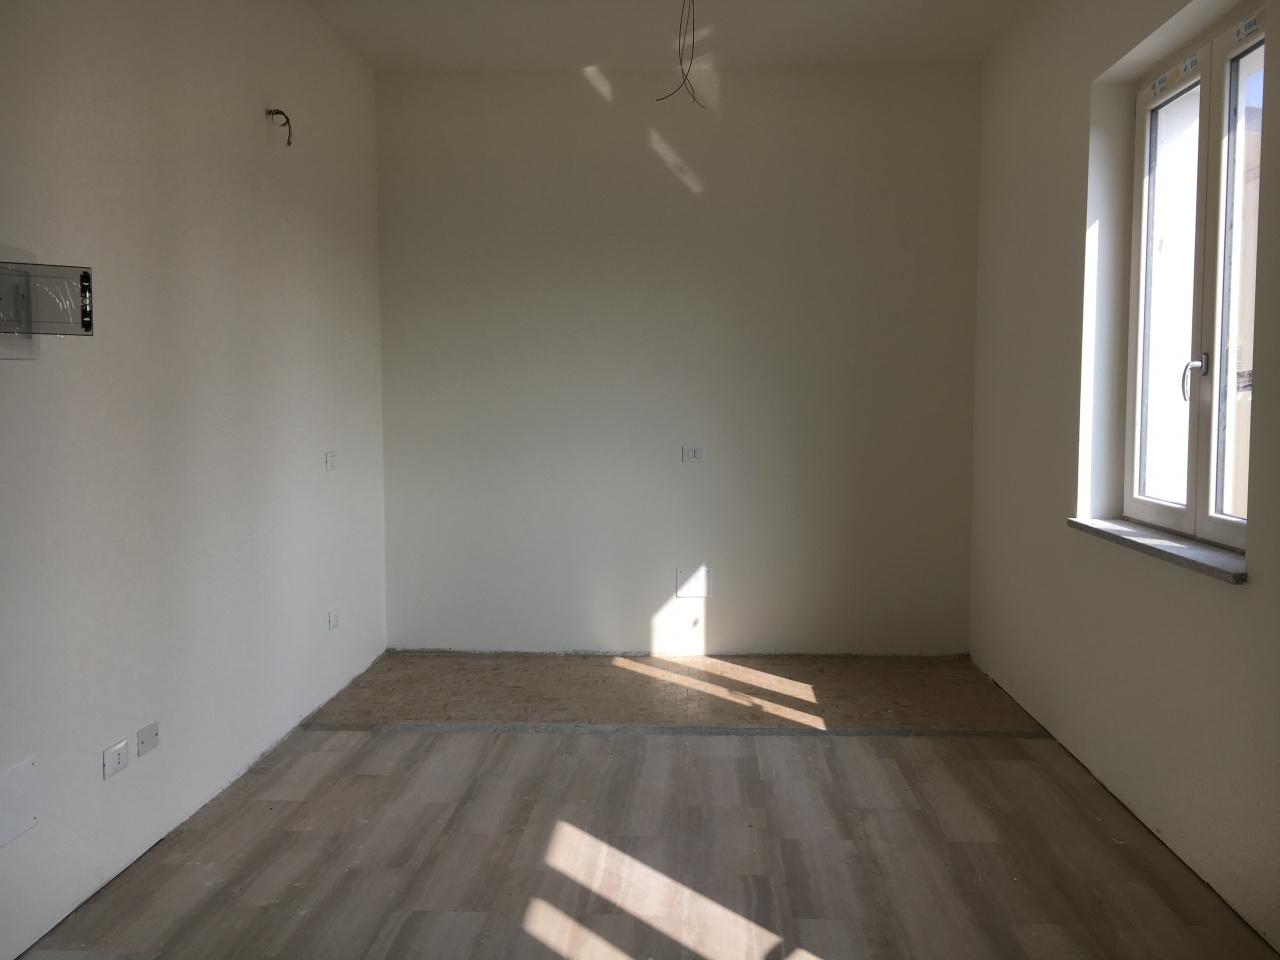 Ufficio / Studio in affitto a Rottofreno, 2 locali, prezzo € 300 | PortaleAgenzieImmobiliari.it